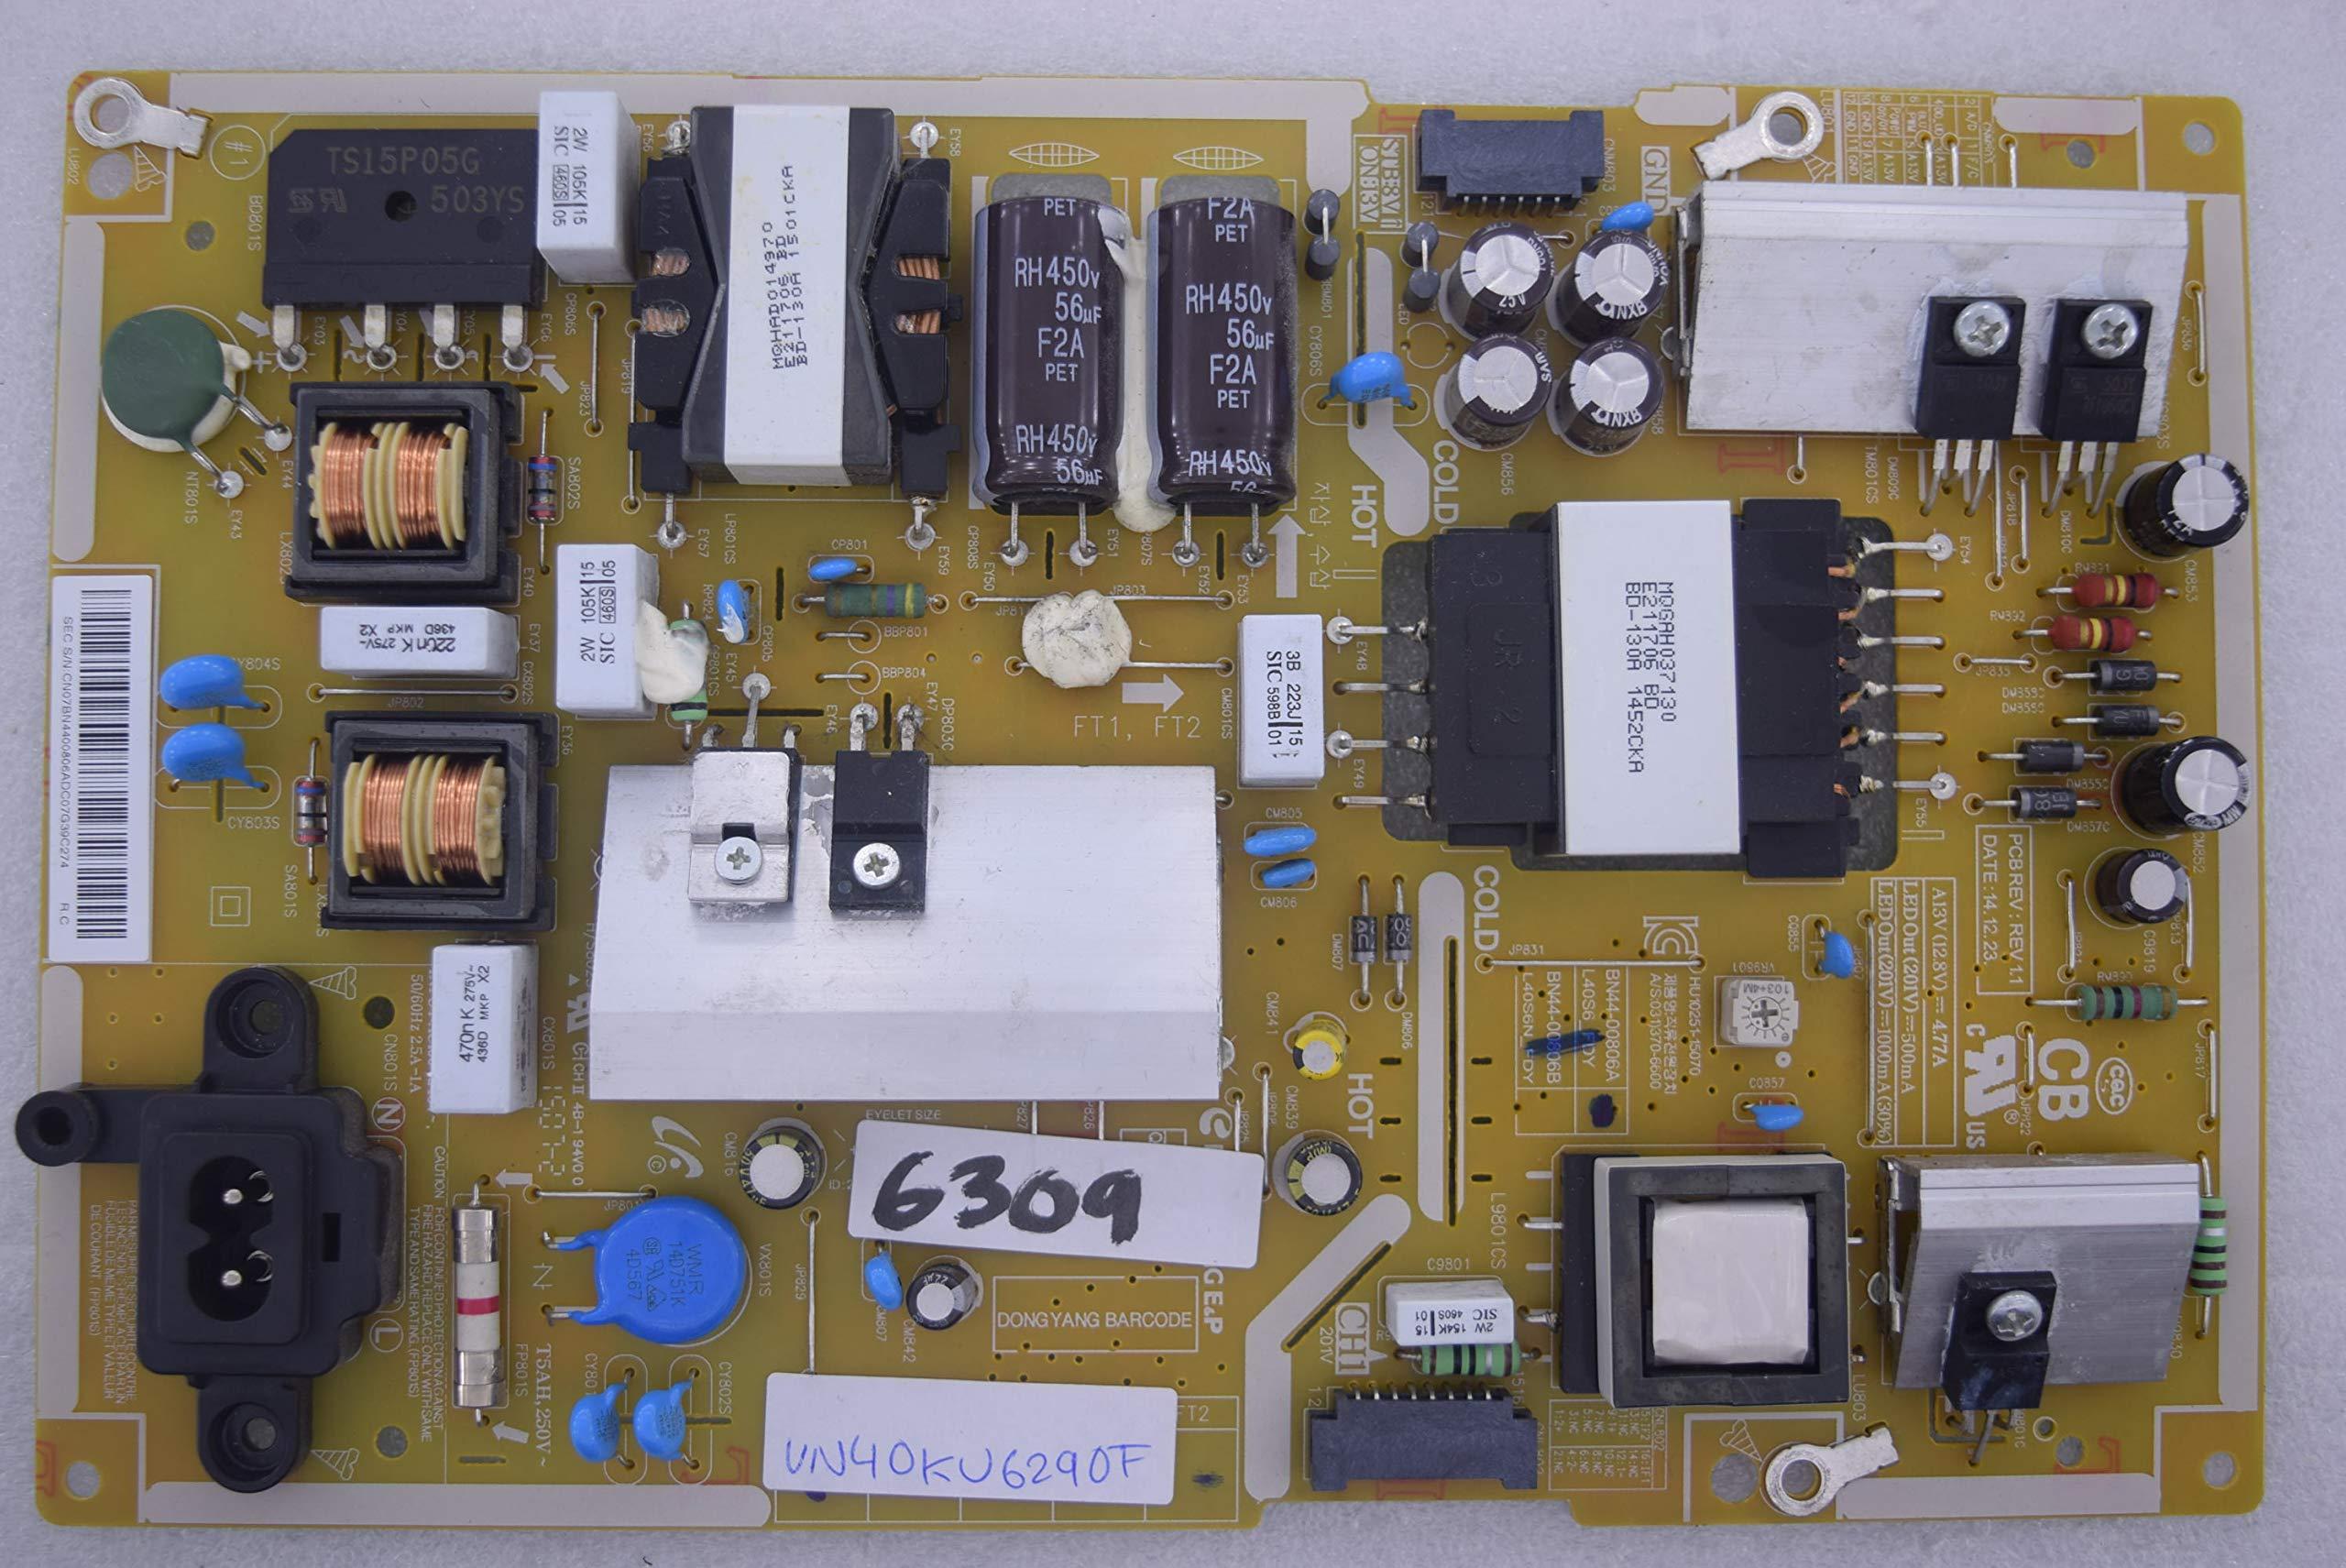 Samsung UN40KU6290F BN44-00806A L40S6_FDY L40S6N_FDY 6309 Placa de Fuente de alimentación: Amazon.es: Electrónica